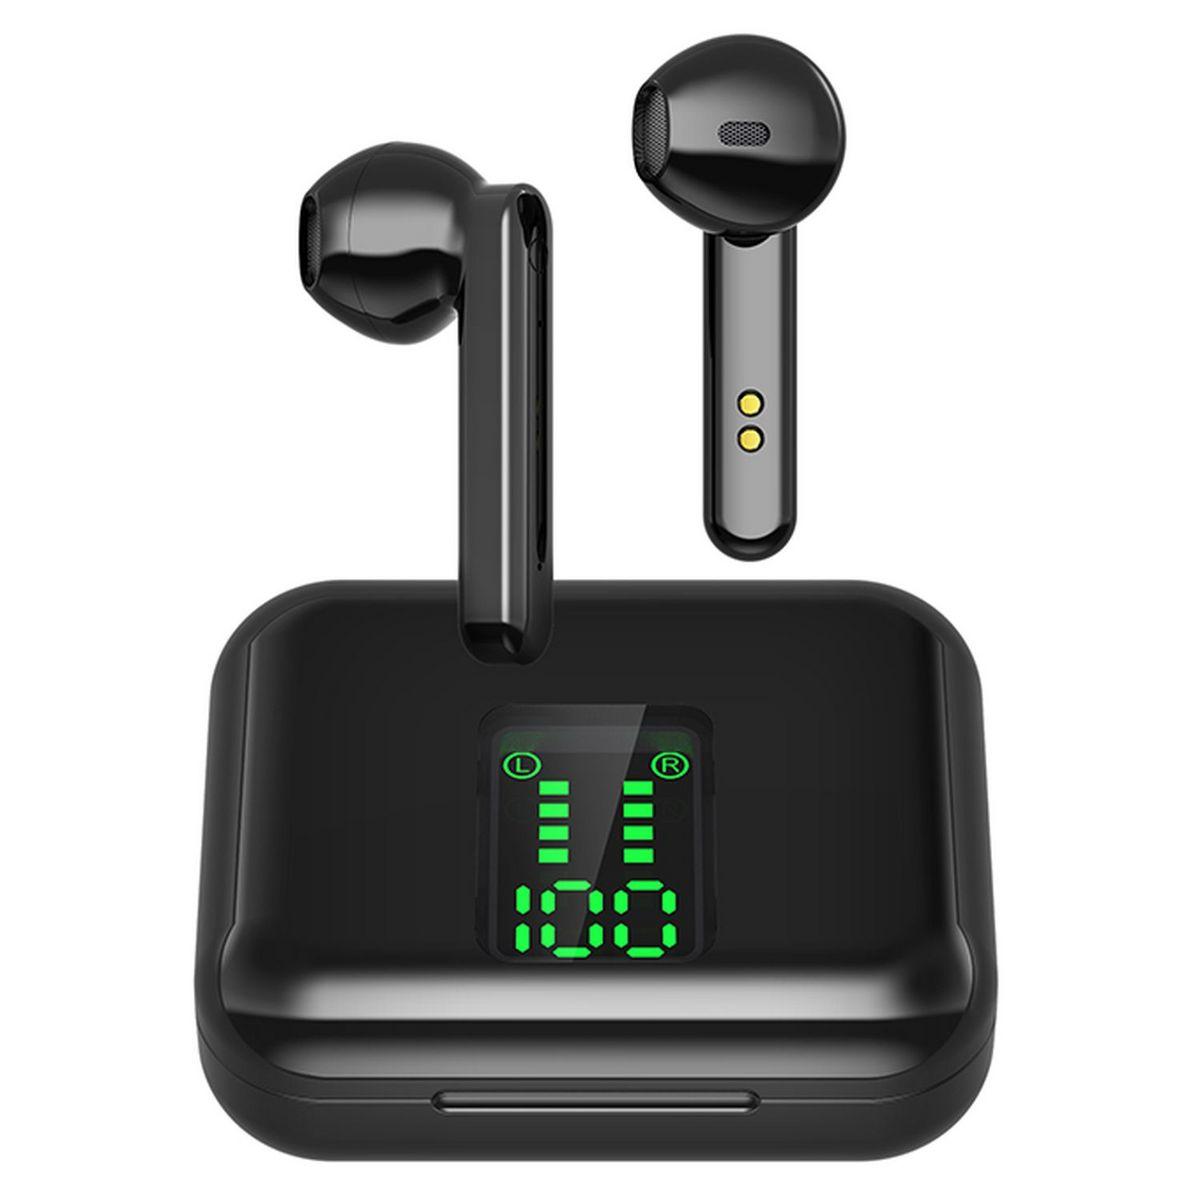 Écouteurs sans fil Bluetooth avec étui de charge et écran - Noir - BLP 4895